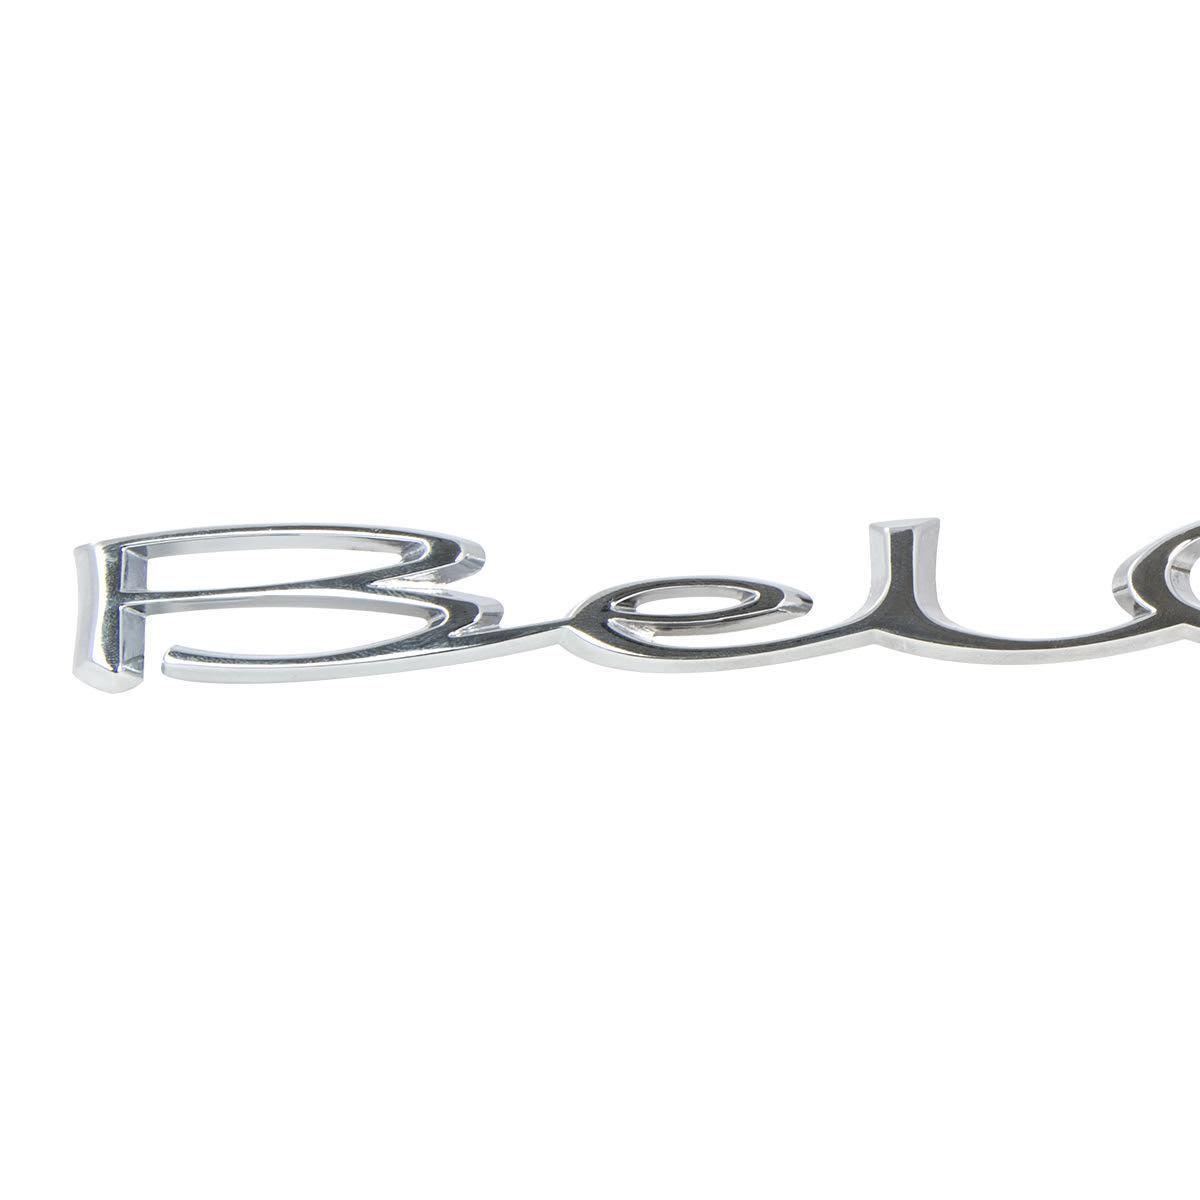 Chevy Bel Air Rear Quarter Panel Script Emblem